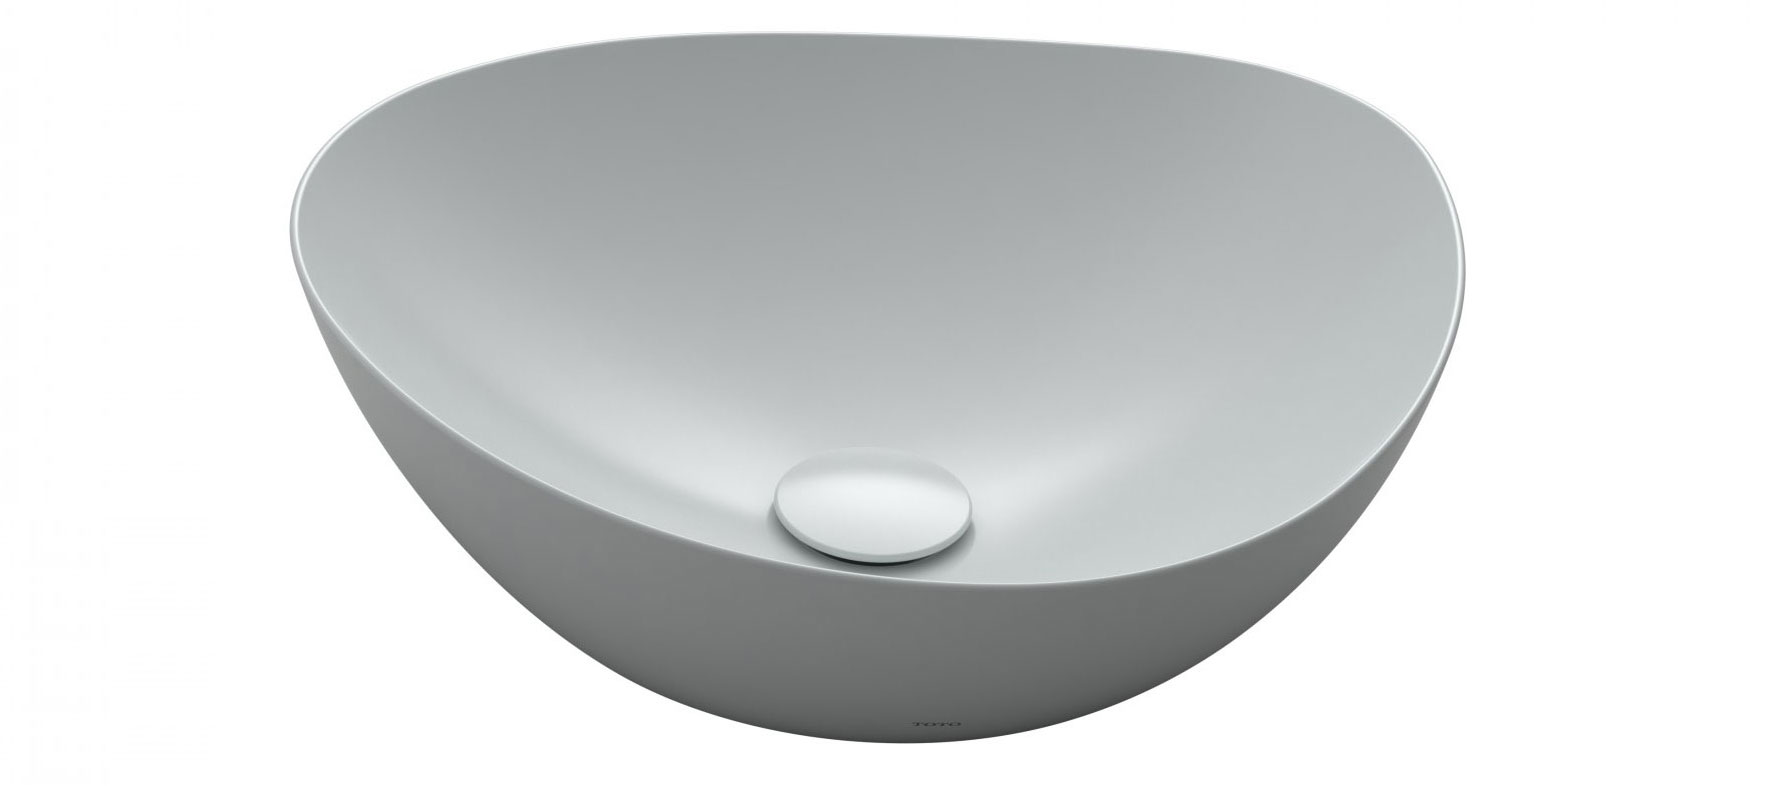 Lavabo đặt bàn TOTO LT4704G19